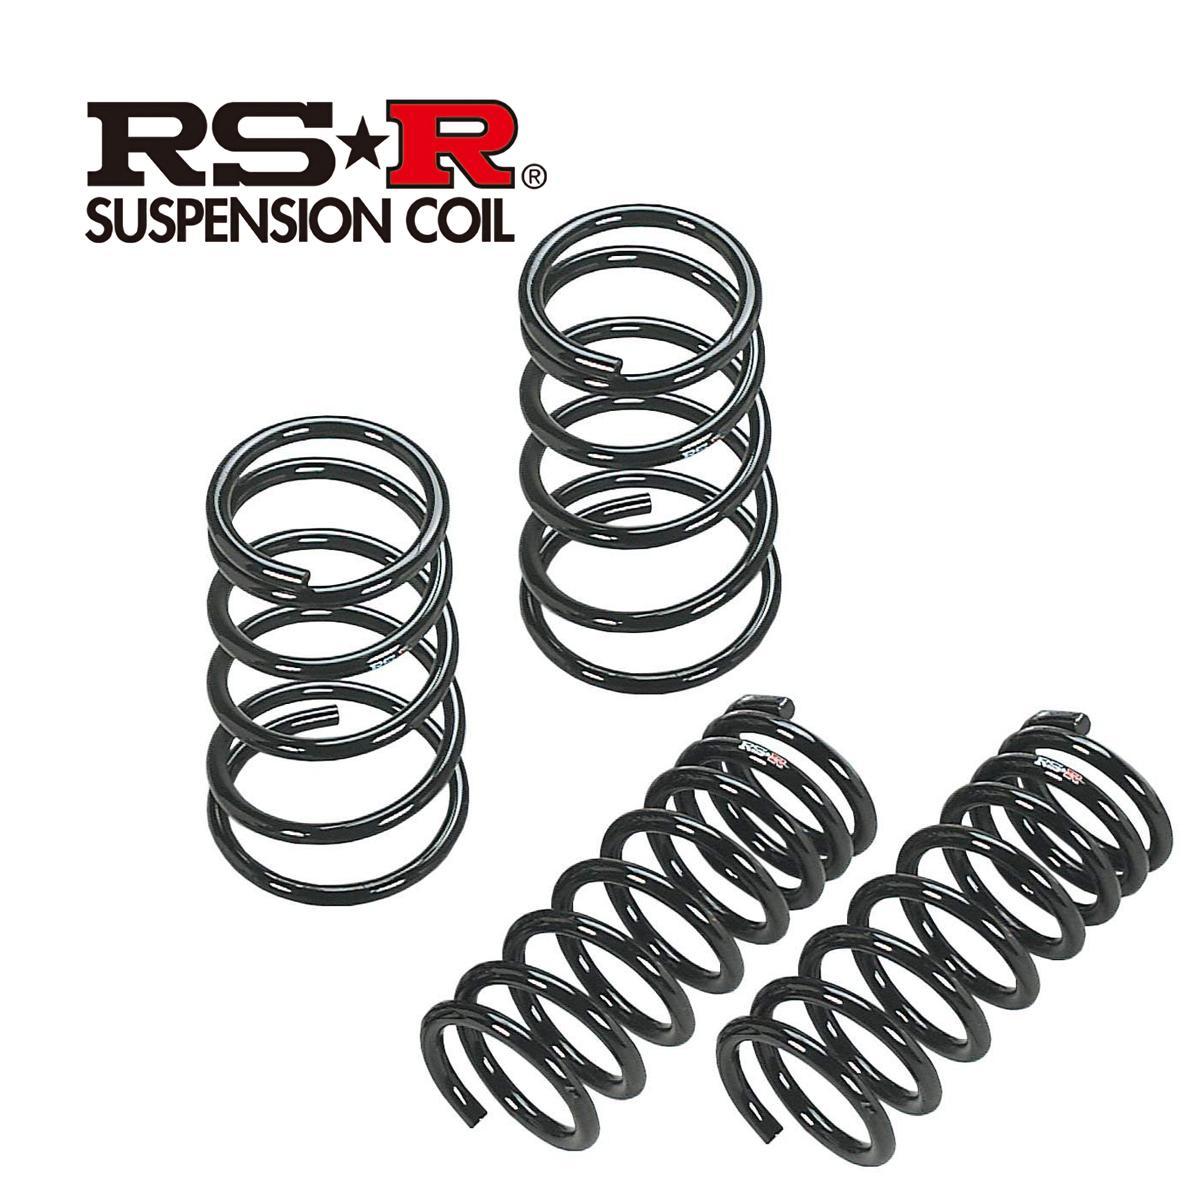 RS-R N-BOXカスタム NBOXカスタム JF4 G・Lターボホンダセンシング ダウンサス スプリング リア H426SF RSR スーパーダウン RSR 個人宅発送追金有